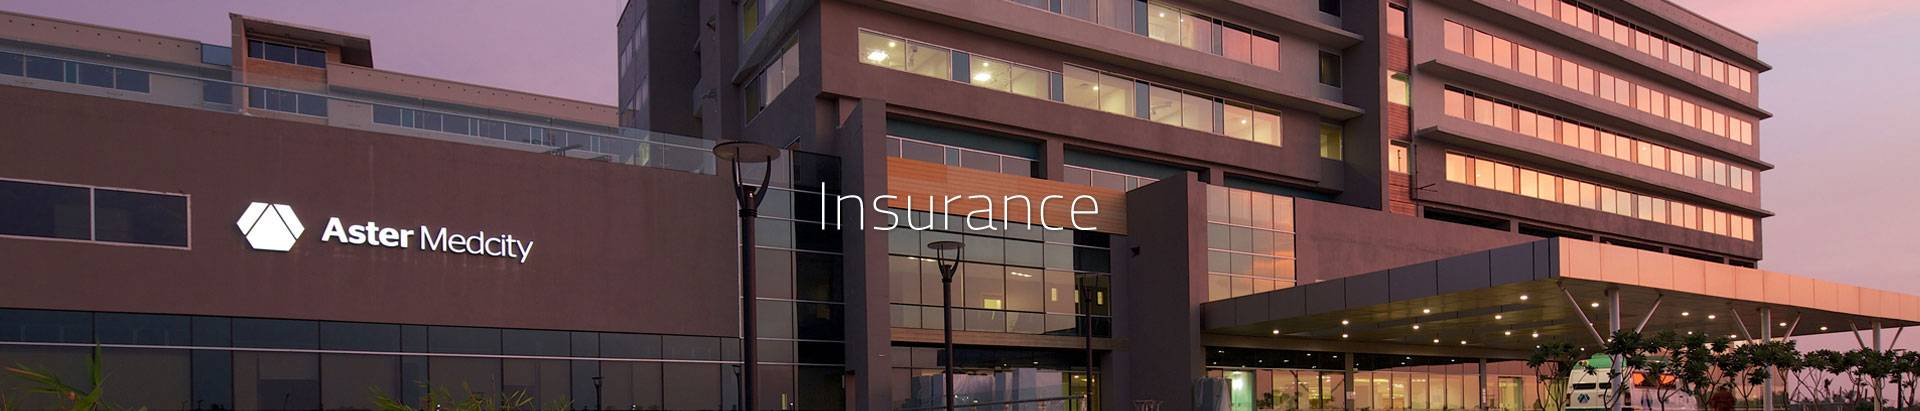 Slider-insurance-01